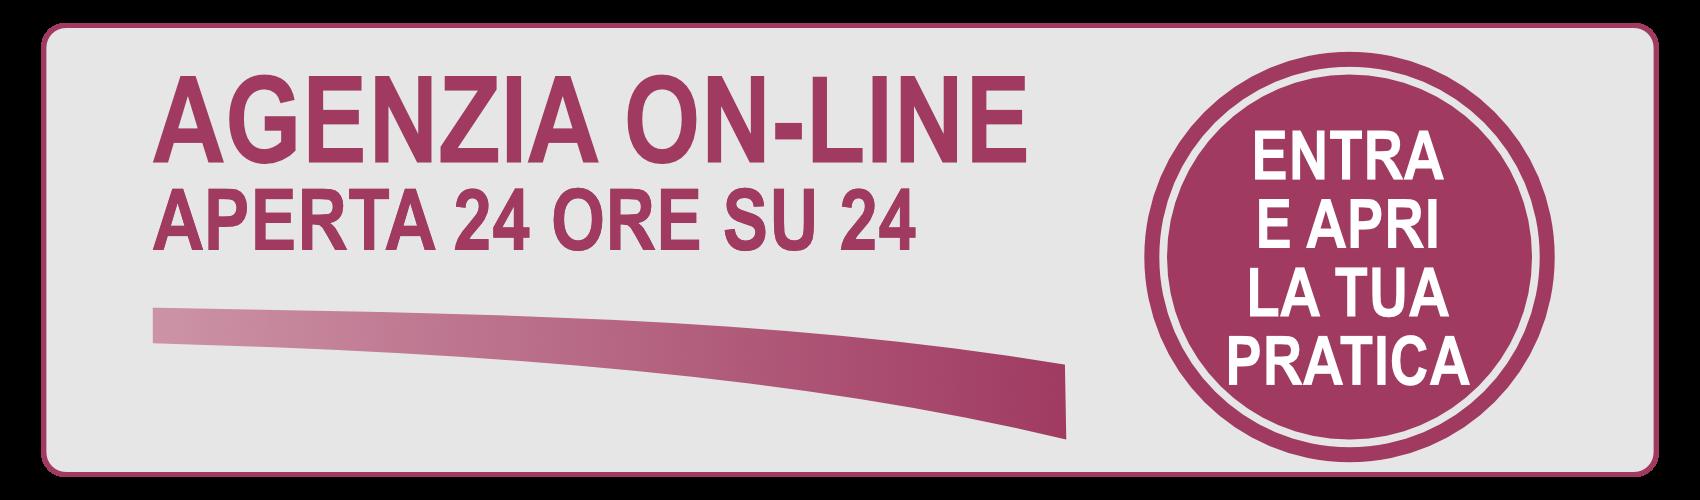 pulsante_agenzia_online